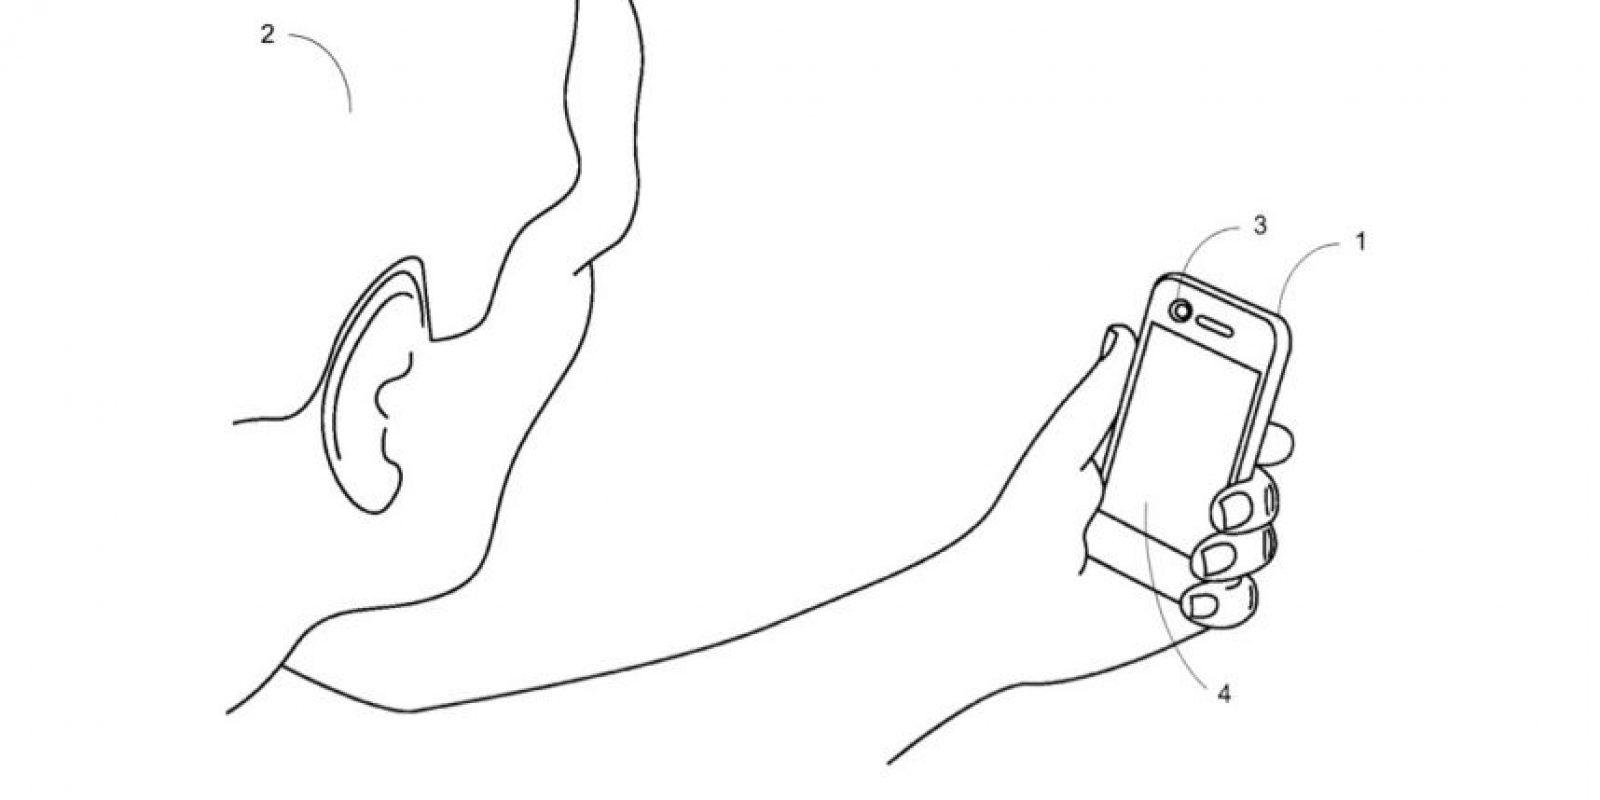 La figura explicativa que revela el nuevo reconocimiento facial que Apple patentó Foto:http://pdfpiw.uspto.gov